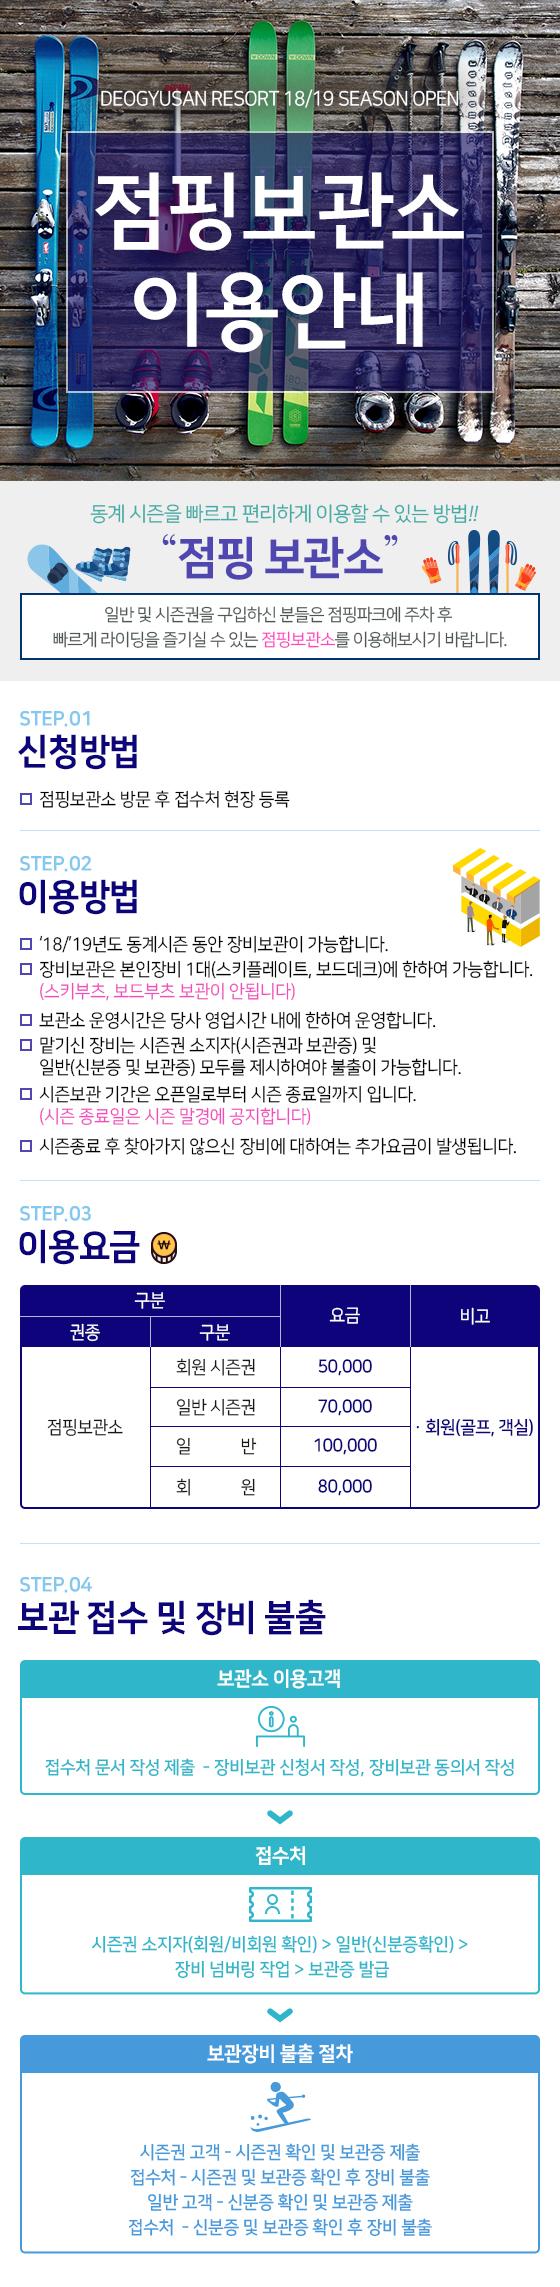 18/19 동계시즌 점핑보관소 이용안내